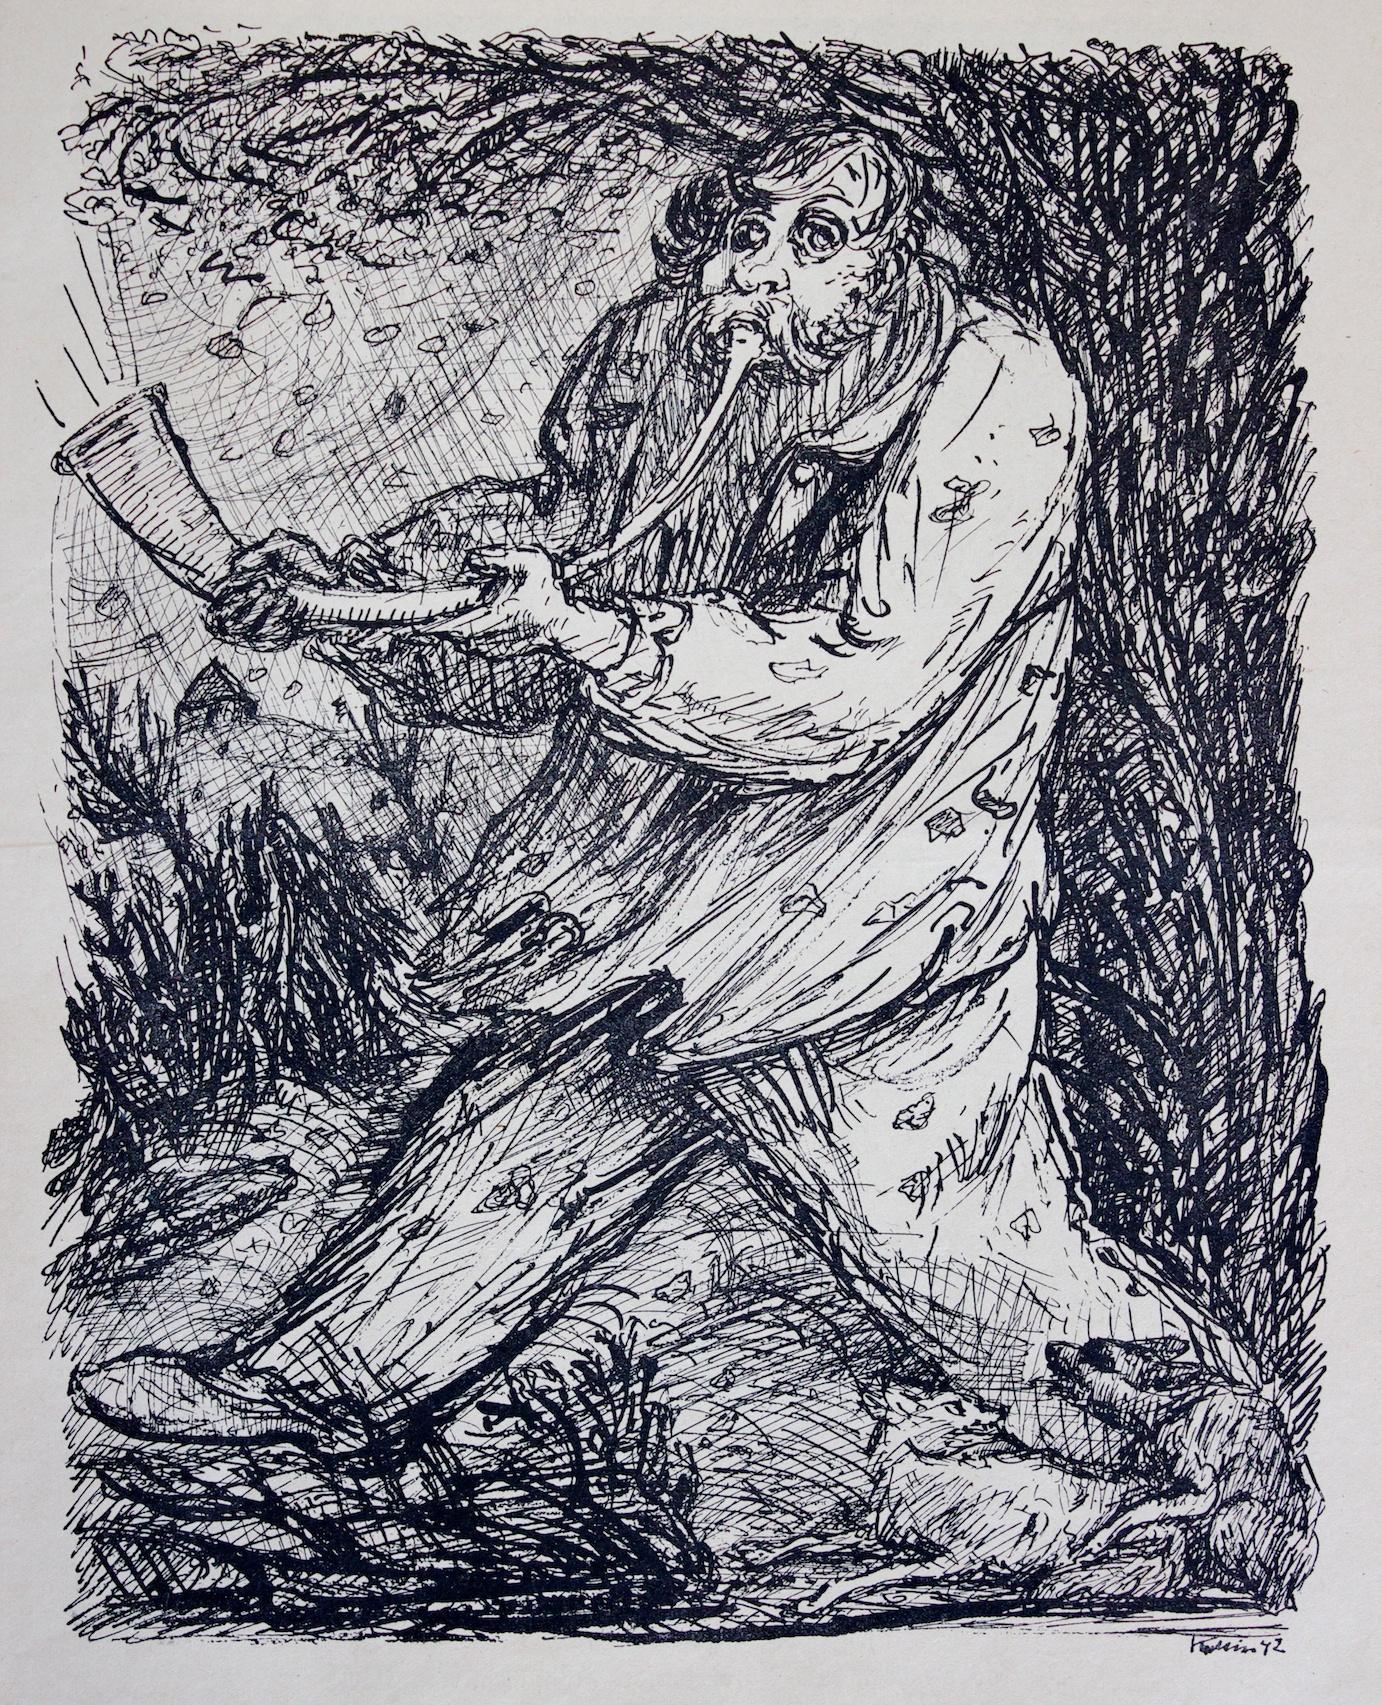 Alfred Kubin - Alfred Leopold Isidor Kubin, pittore, incisore, illustratore e scrittore nasce nel 1877 in Boemia, nella città di Leitmeritz, che venne inglobata poi nell'Impero Austro-Ungarico.Alla morte prematura della madre, ll giovane Kubin tenta il suicidio sulla sua tomba.Studia arte e grafica all'Accademia d'arte di Monaco di Baviera.Nel 1912, diviene membro del gruppo dell'area espressionista